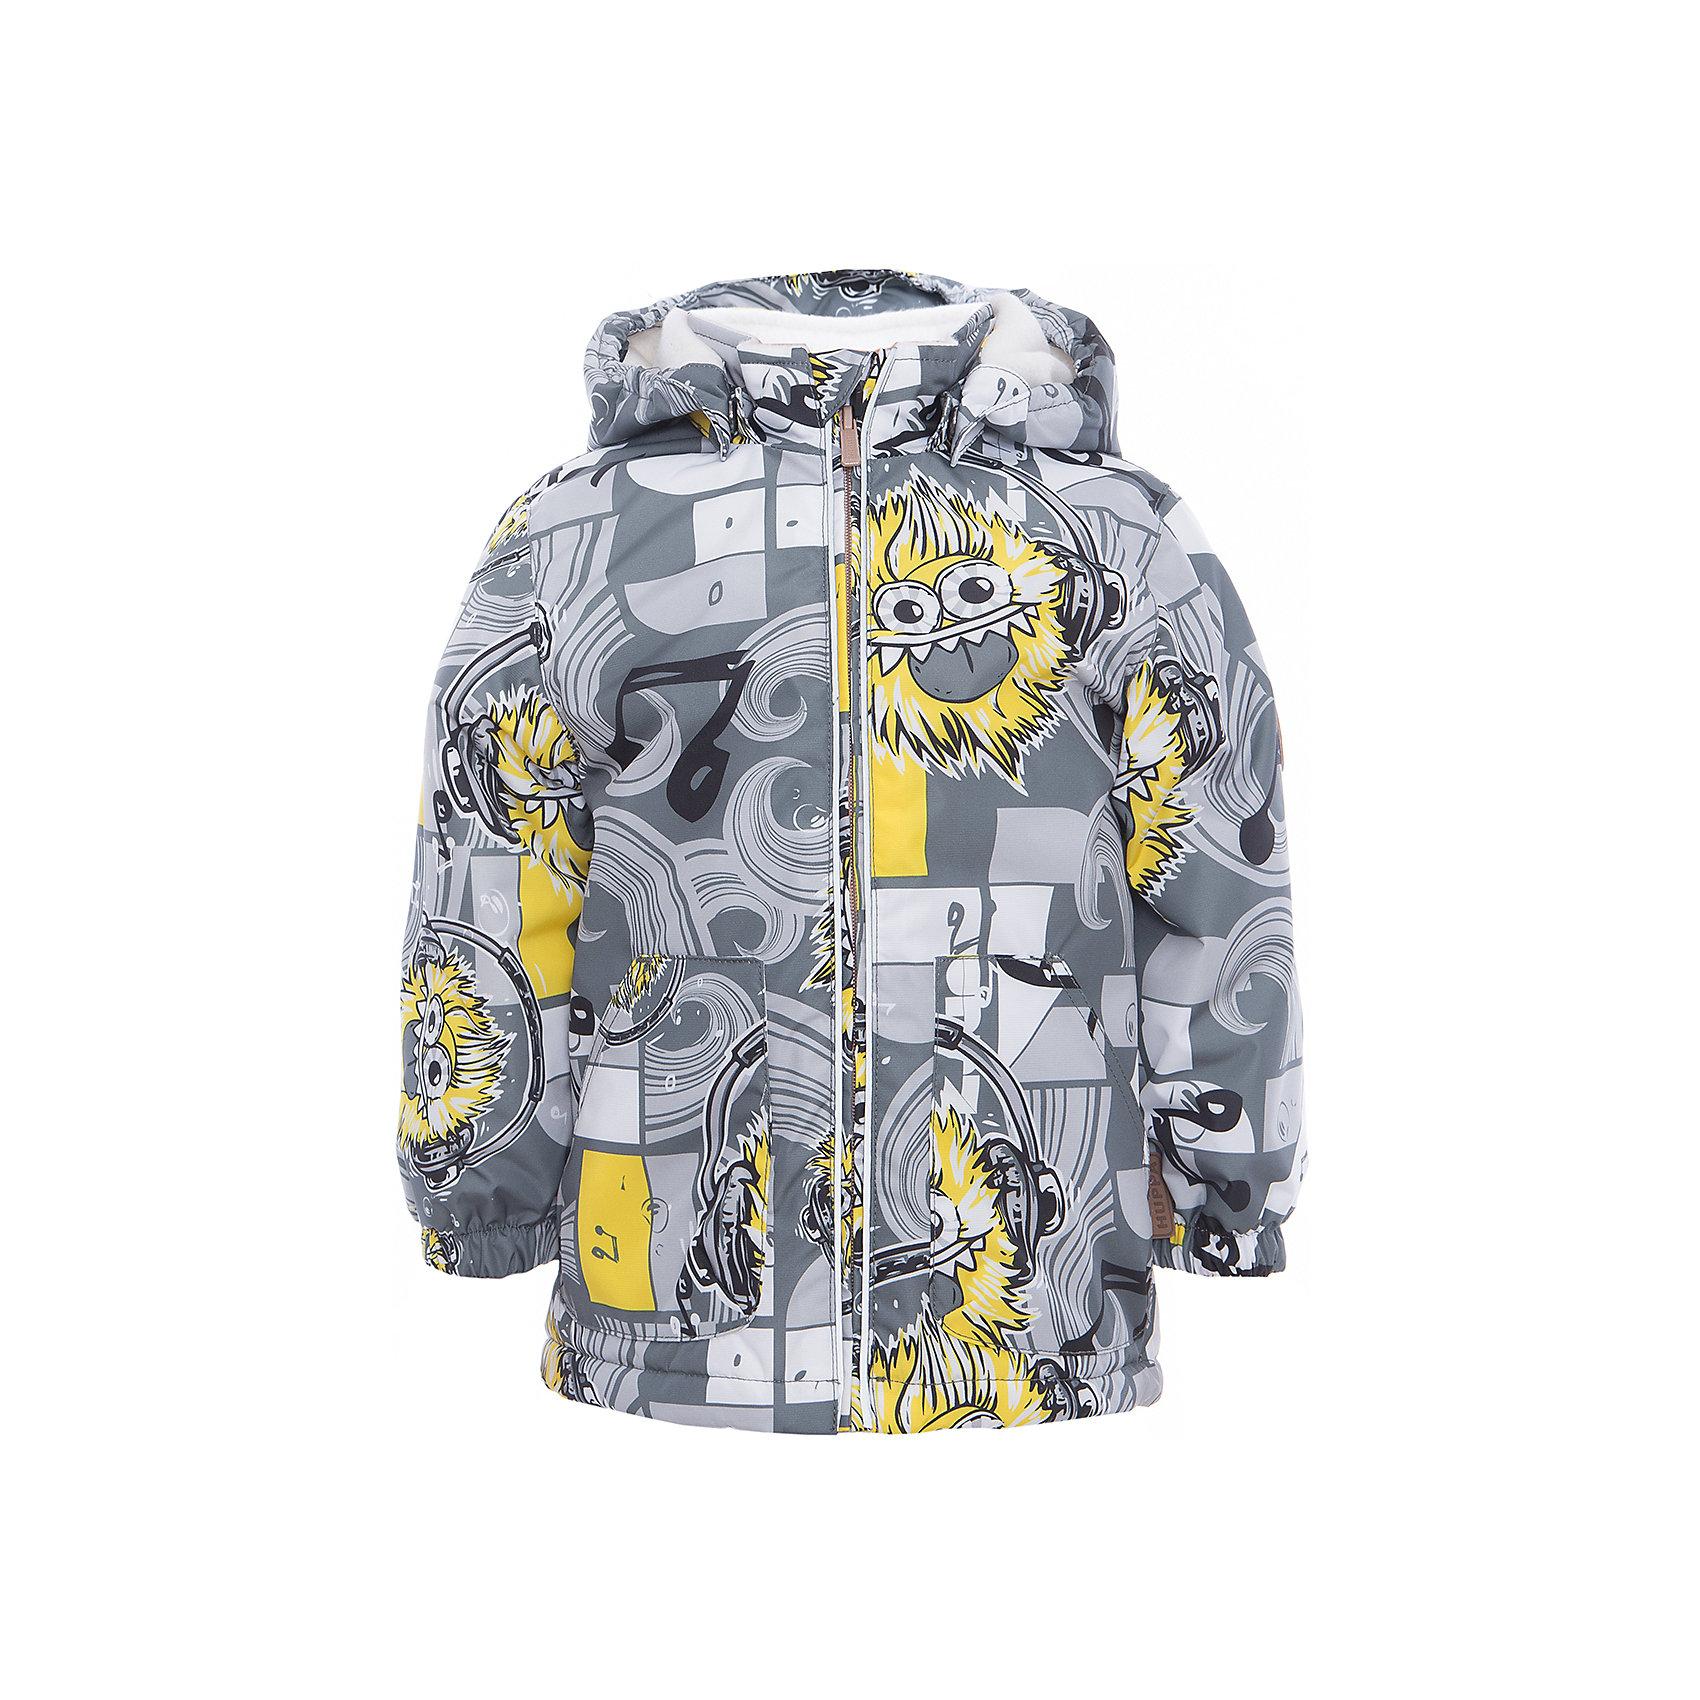 Куртка для мальчика BERTY HuppaХарактеристики товара:<br><br>• цвет: серый принт<br>• ткань: 100% полиэстер<br>• подкладка: Coral-fleece, смесь хлопка и полиэстера, в рукавах тафат - 100% полиэстер<br>• утеплитель: 100% полиэстер 100 г<br>• температурный режим: от -5°С до +10°С<br>• водонепроницаемость: 10000 мм<br>• воздухопроницаемость: 10000 мм<br>• светоотражающие детали<br>• эластичные манжеты<br>• эластичный шнурок + фиксатор<br>• защита подбородка<br>• съёмный капюшон с резинкой<br>• комфортная посадка<br>• коллекция: весна-лето 2017<br>• страна бренда: Эстония<br><br>Такая легкая и стильная куртка обеспечит детям тепло и комфорт. Она сделана из материала, отталкивающего воду, и дополнено подкладкой с утеплителем, поэтому изделие идеально подходит для межсезонья. Материал изделия - с мембранной технологией: защищая от влаги и ветра, он легко выводит лишнюю влагу наружу. Для удобства сделан капюшон. Куртка очень симпатично смотрится, яркая расцветка и крой добавляют ему оригинальности. Модель была разработана специально для детей.<br><br>Одежда и обувь от популярного эстонского бренда Huppa - отличный вариант одеть ребенка можно и комфортно. Вещи, выпускаемые компанией, качественные, продуманные и очень удобные. Для производства изделий используются только безопасные для детей материалы. Продукция от Huppa порадует и детей, и их родителей!<br><br>Куртку для мальчика BERTY от бренда Huppa (Хуппа) можно купить в нашем интернет-магазине.<br><br>Ширина мм: 356<br>Глубина мм: 10<br>Высота мм: 245<br>Вес г: 519<br>Цвет: серый<br>Возраст от месяцев: 48<br>Возраст до месяцев: 60<br>Пол: Мужской<br>Возраст: Детский<br>Размер: 110,92,80,86,98,104<br>SKU: 5346966